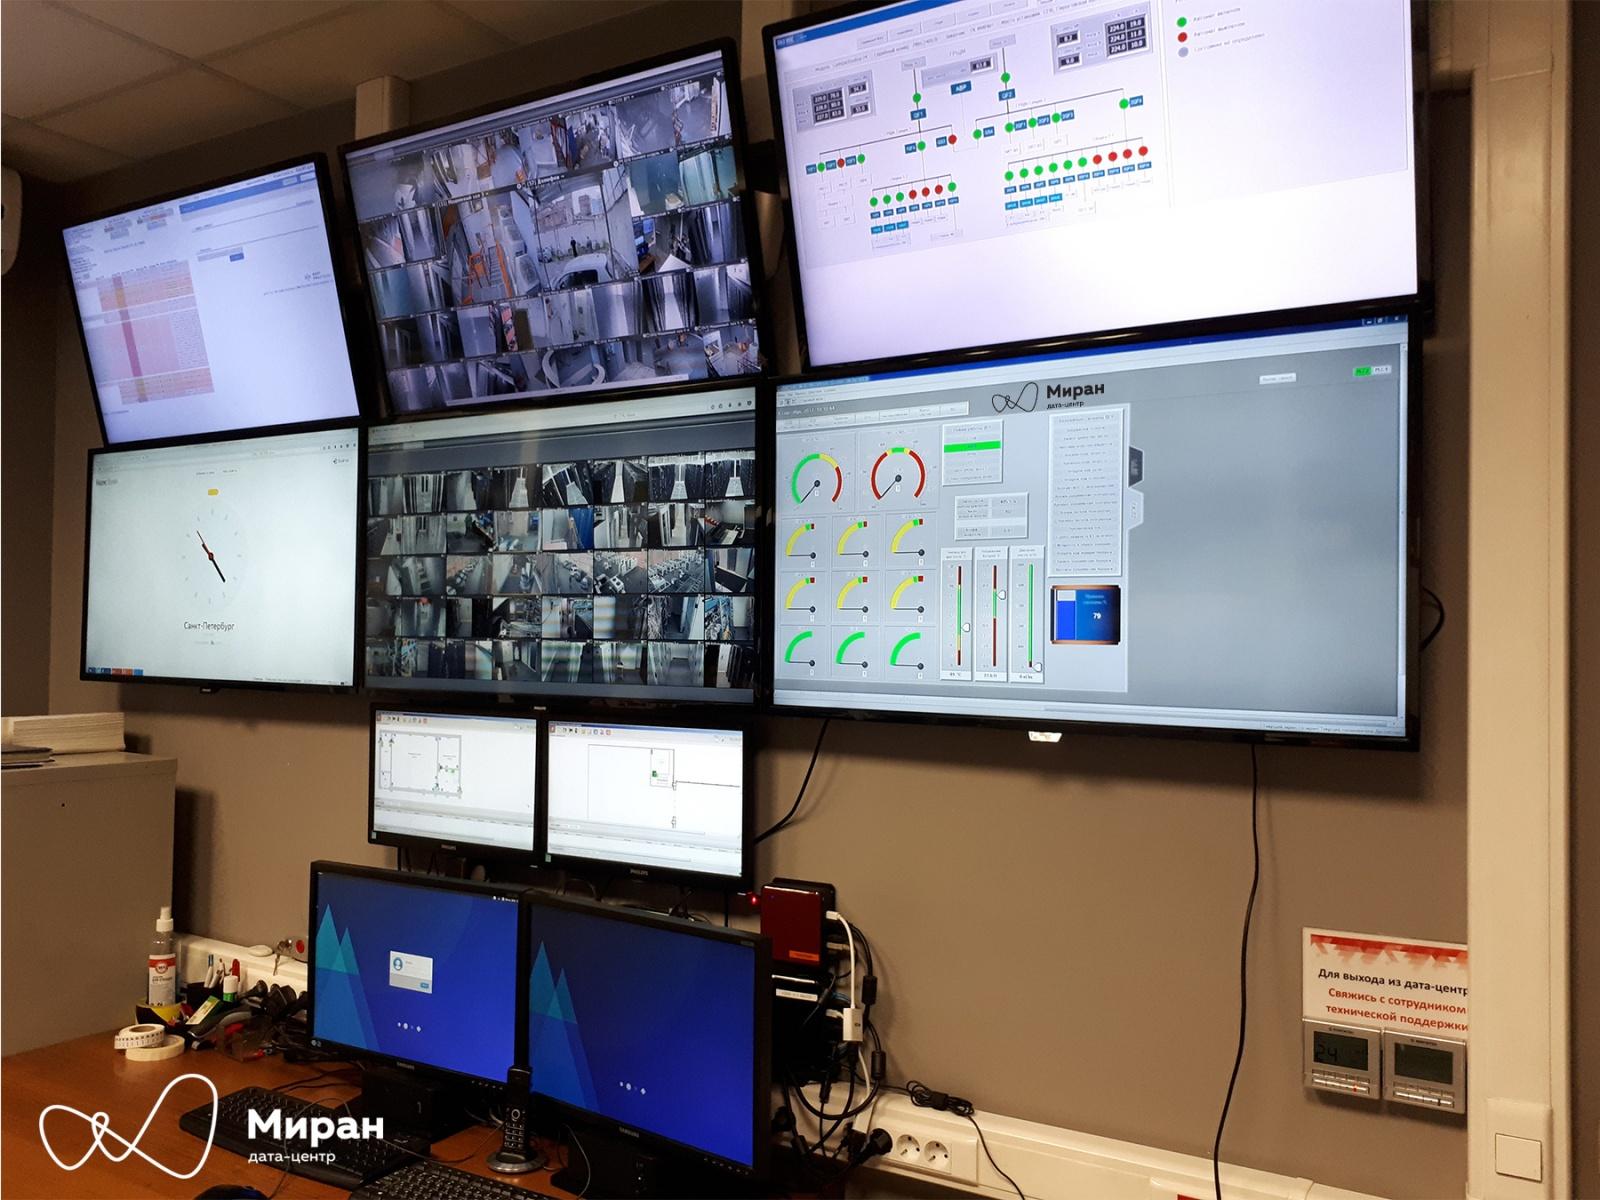 Инженерные системы наших дата-центров и их мониторинг, часть вторая - 2